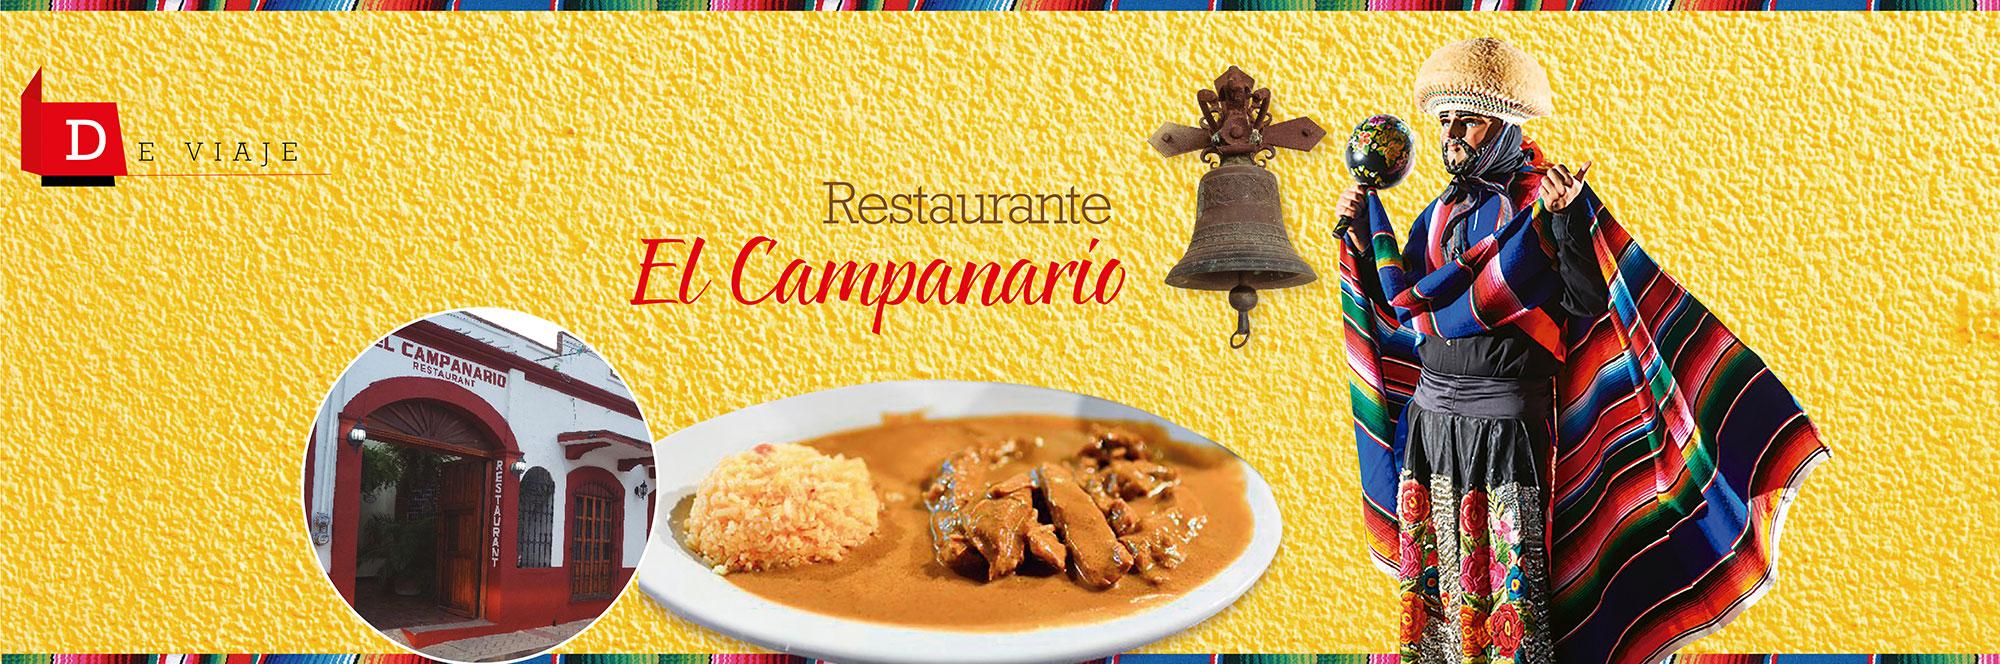 Restaurante El Campanario Chiapa de Corzo Revista Avisos Efectivos Grupo Innova Arte Digital